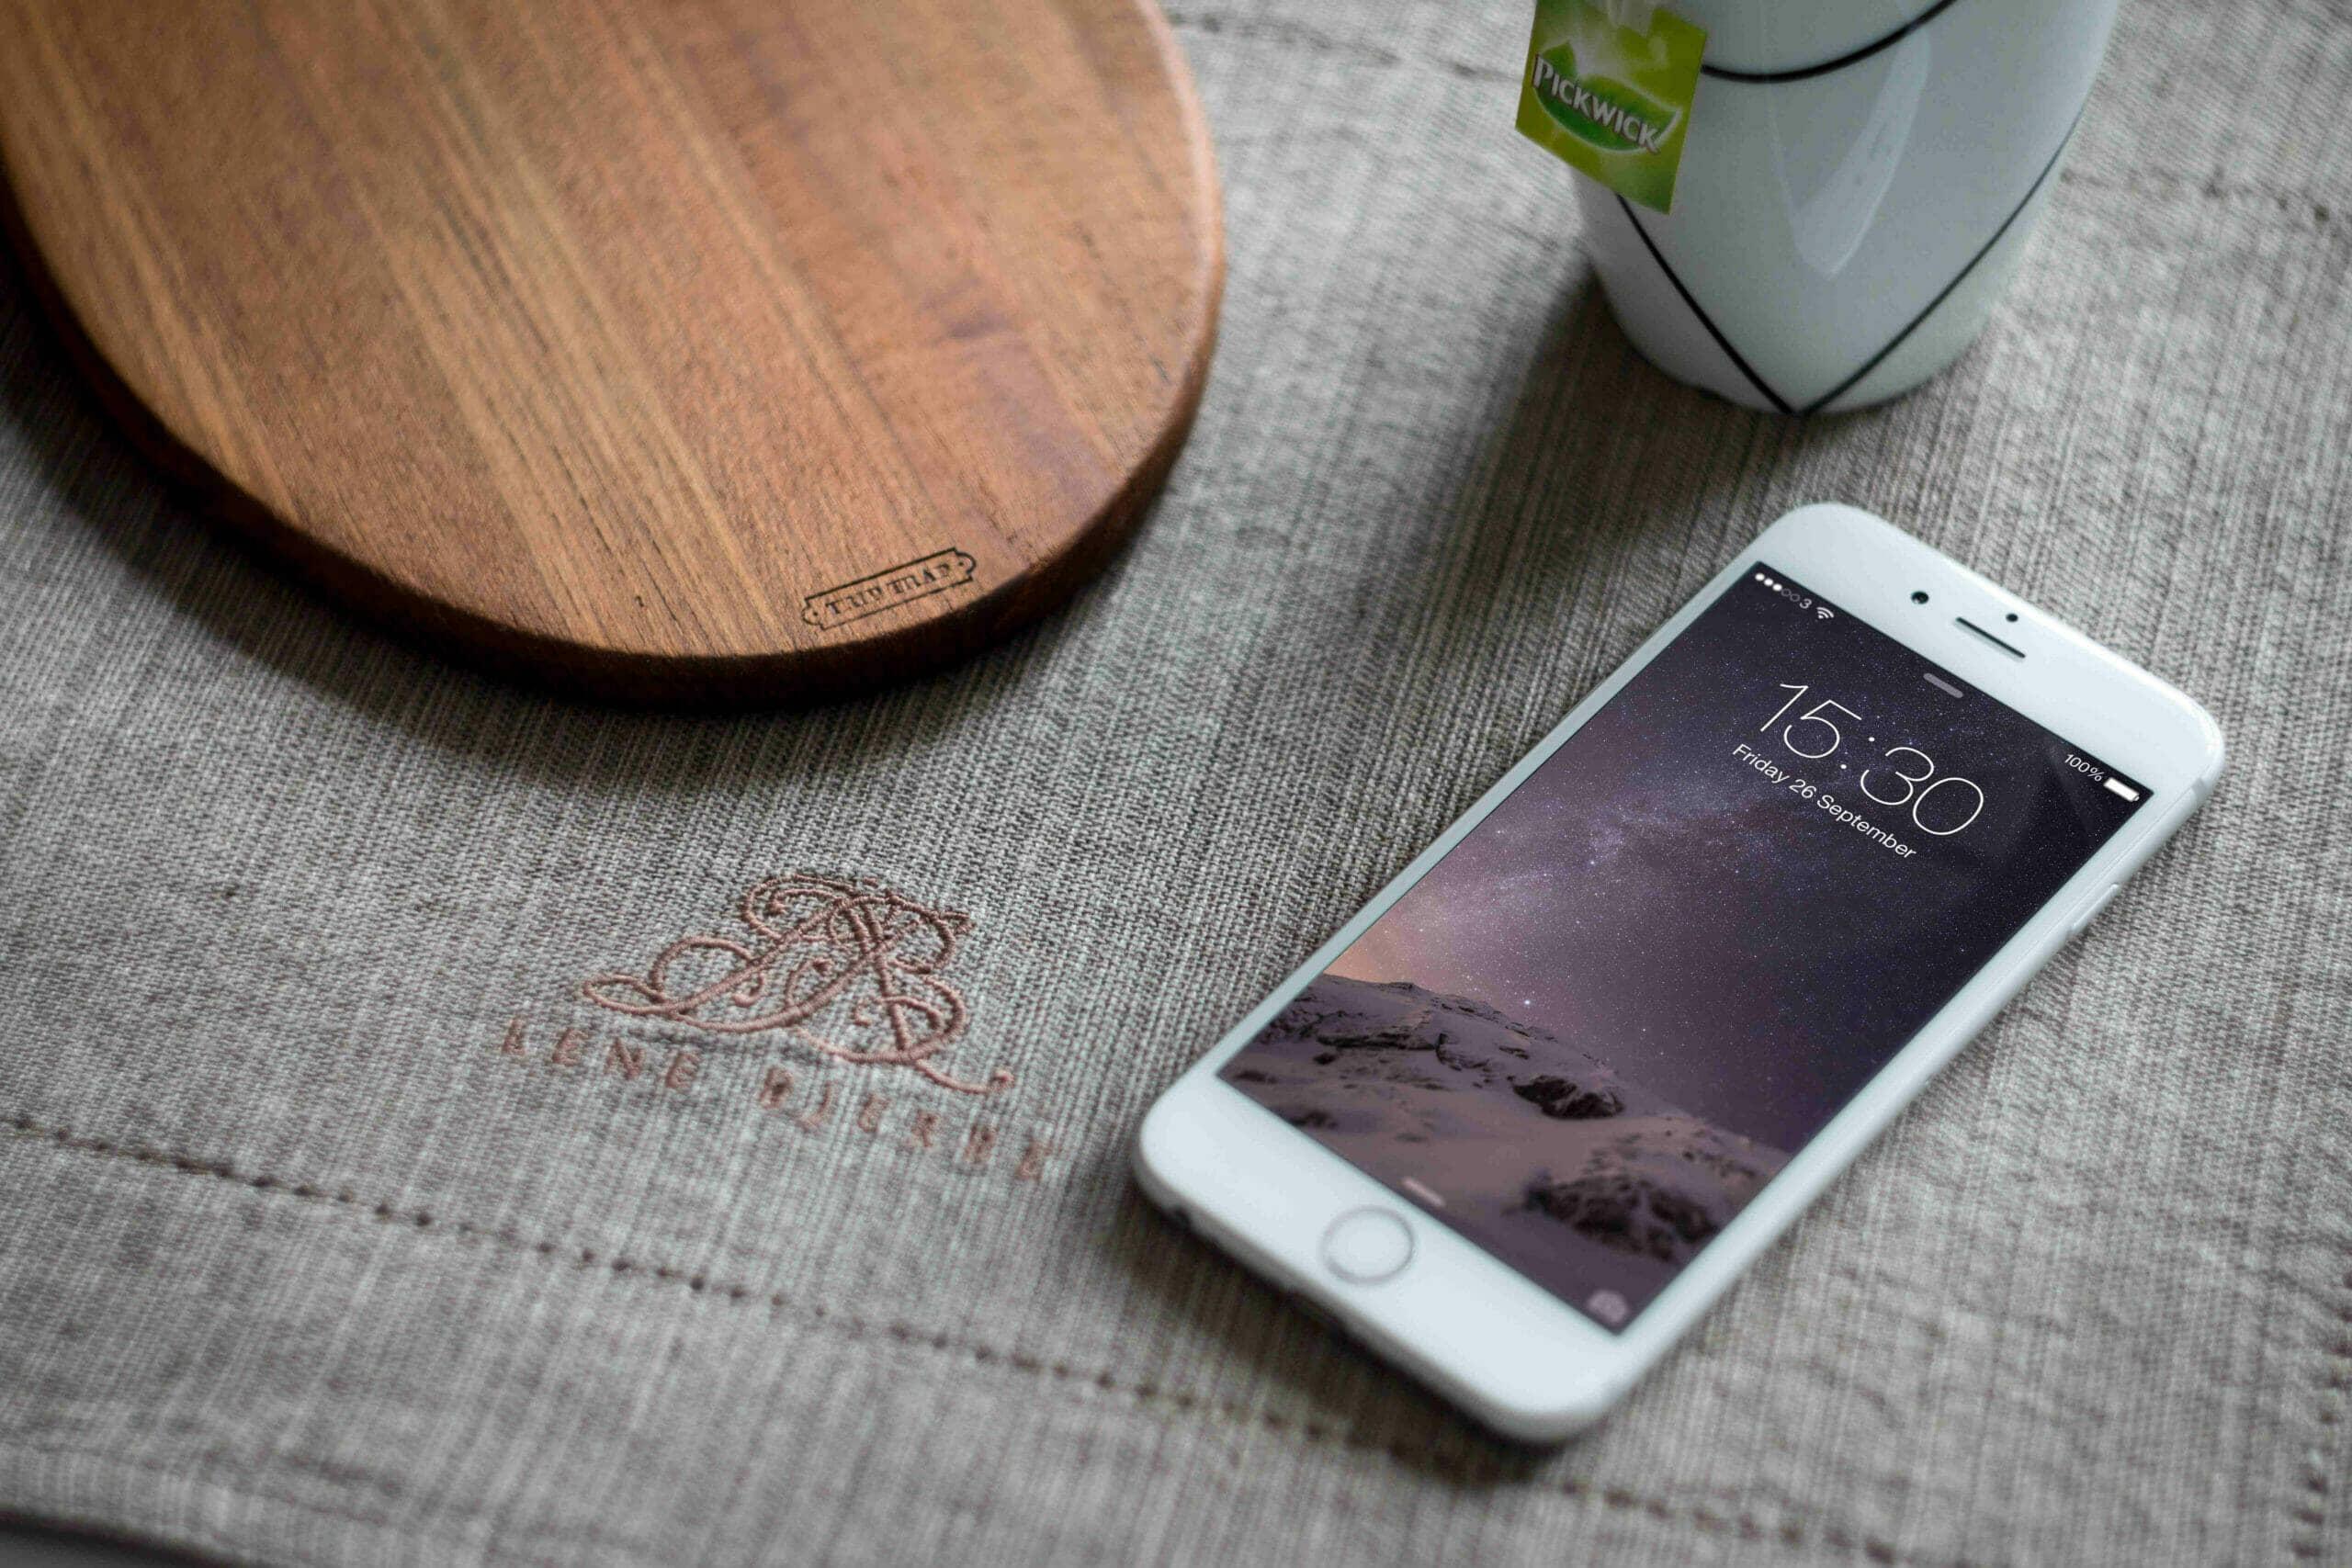 White iPhone 6 Photography Mockup